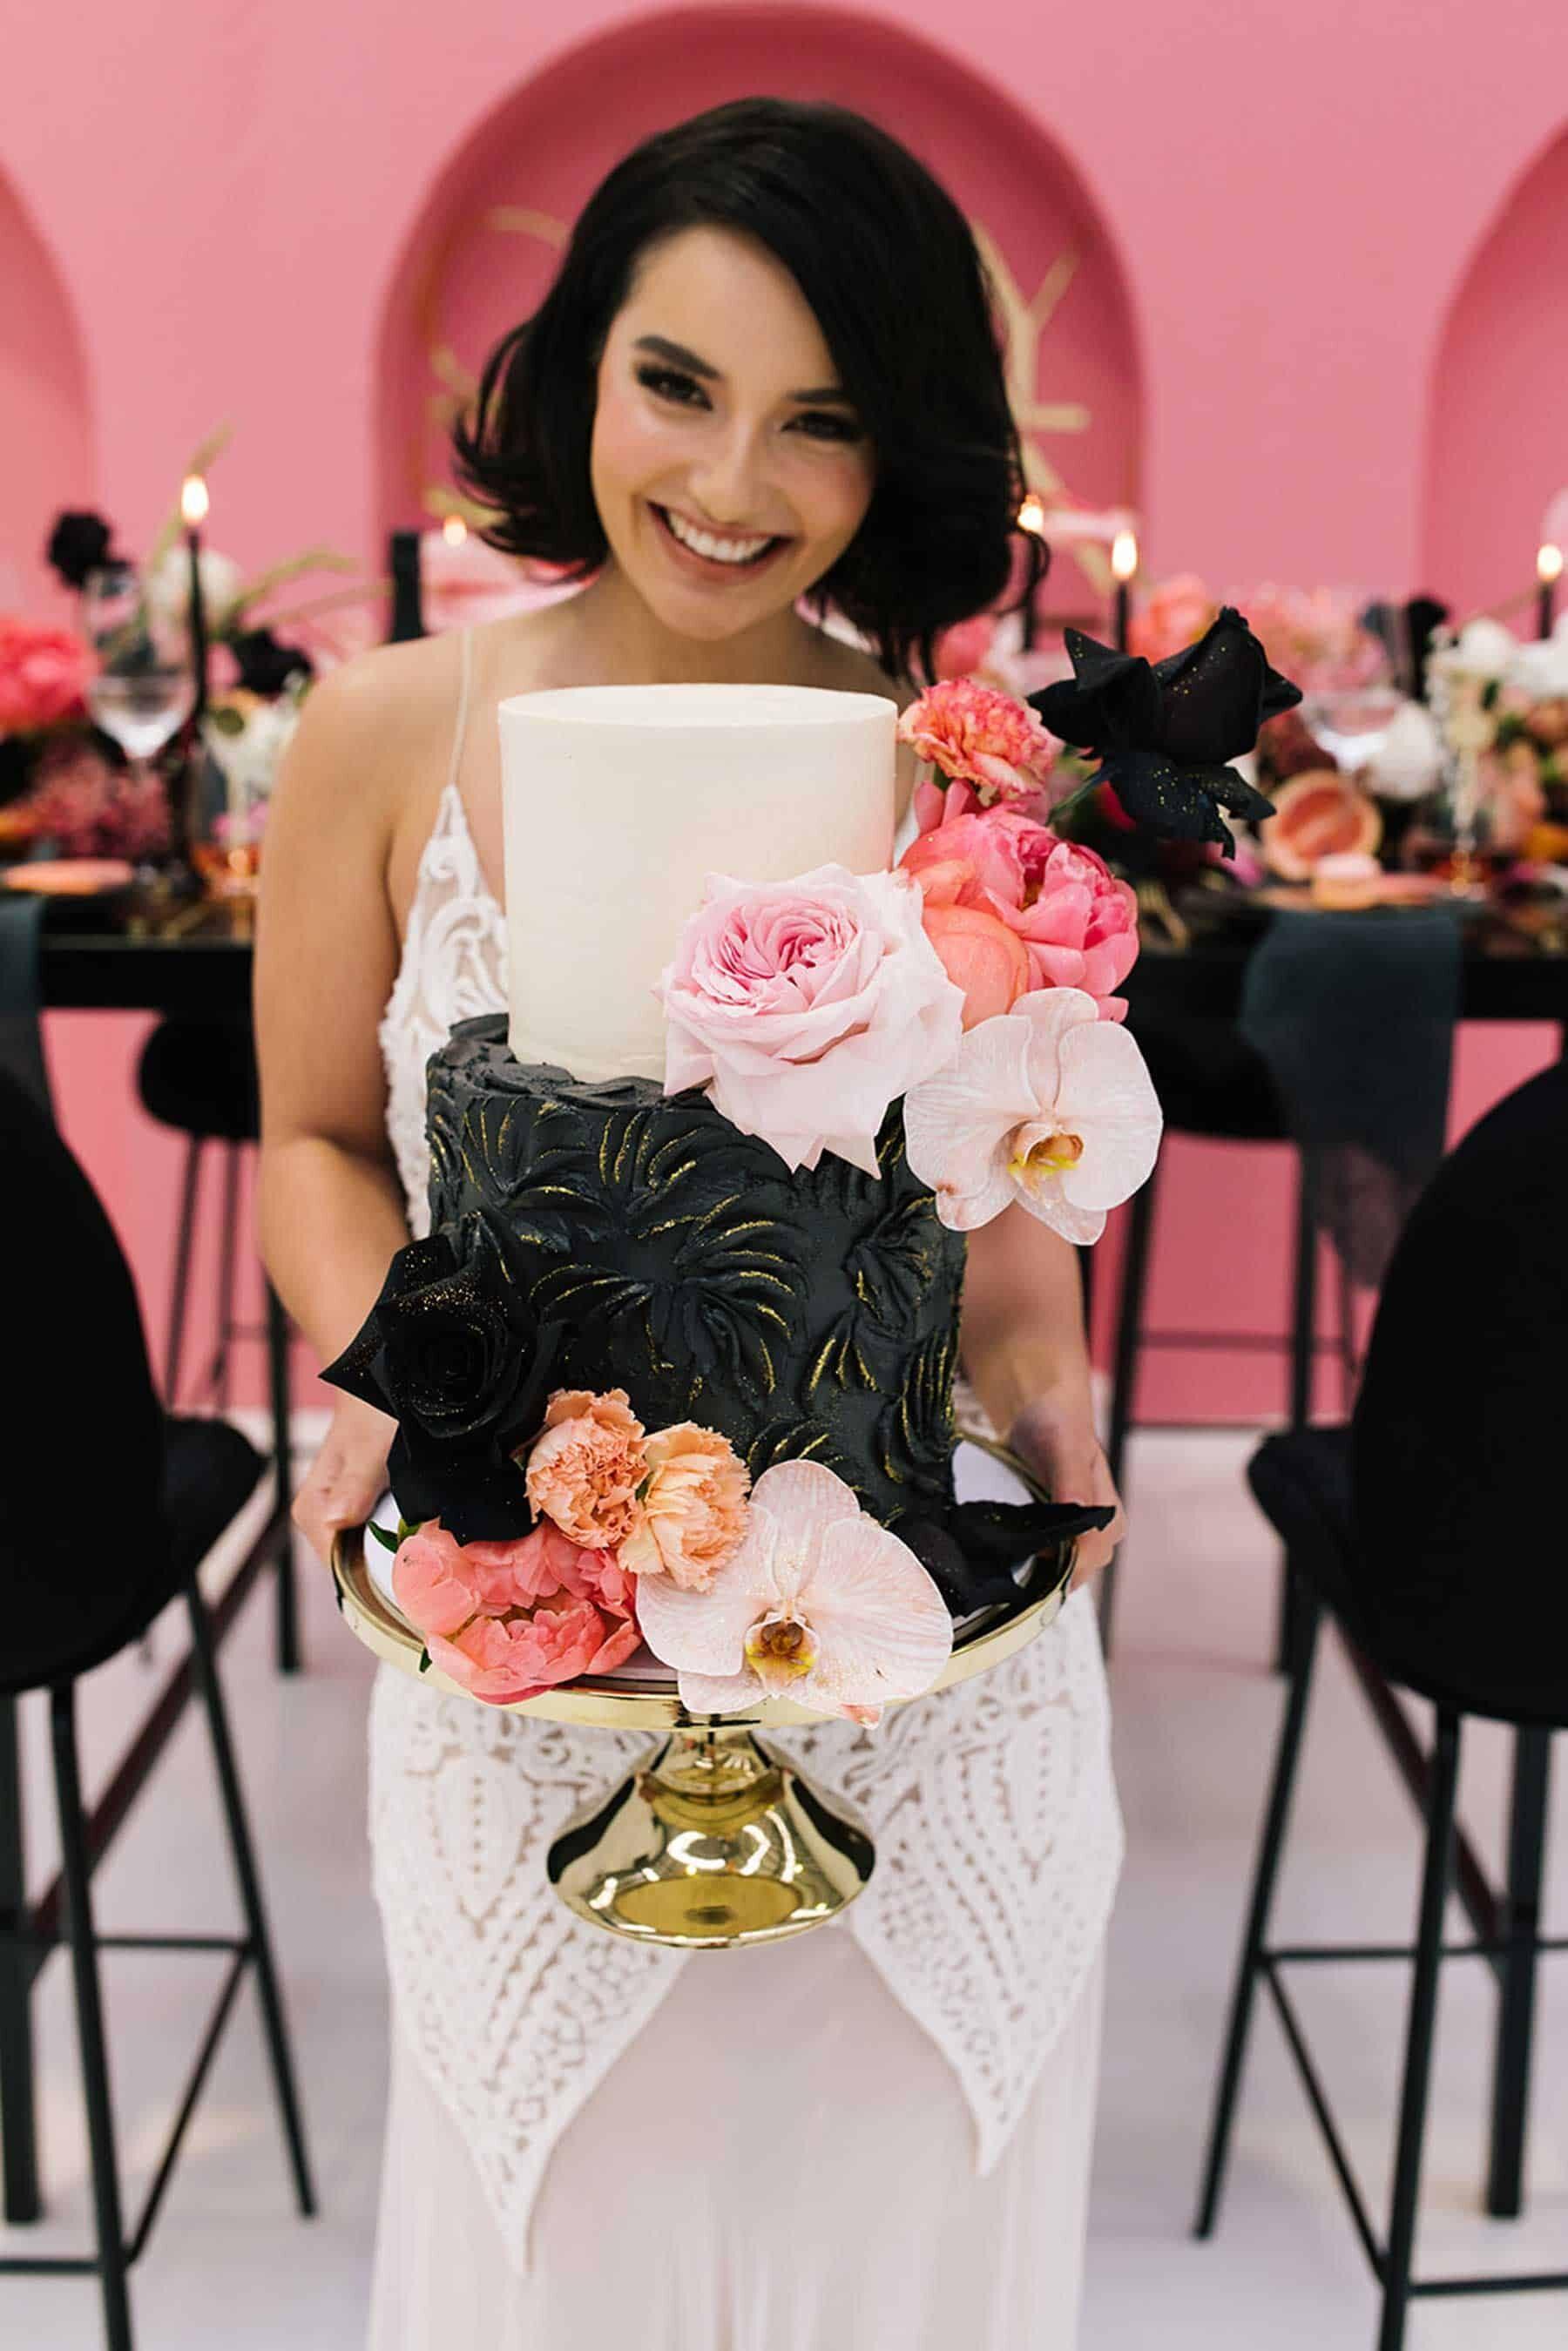 modern pink and black wedding cake